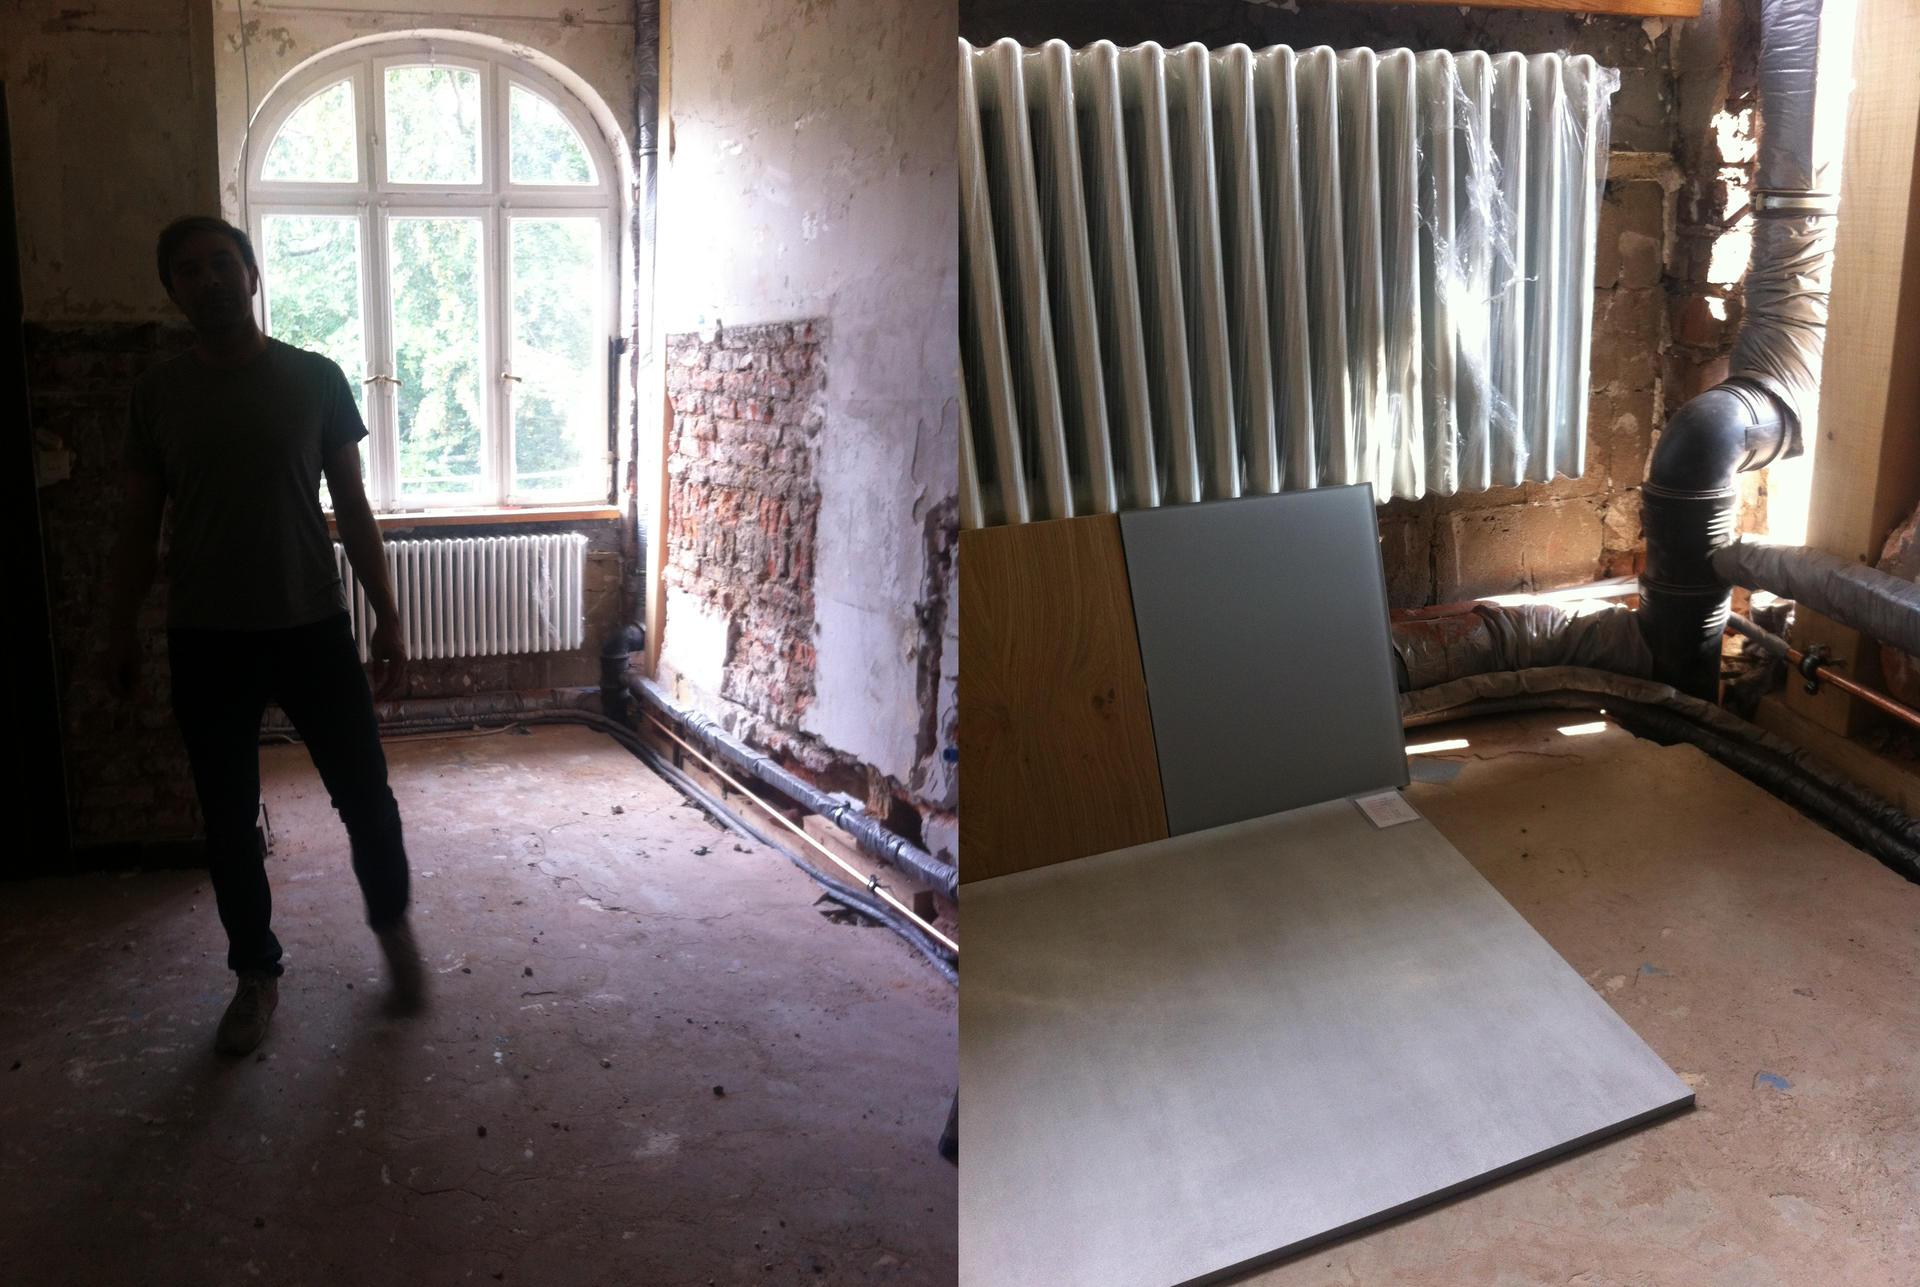 Full Size of Wandtattoo Küche Kaufen Mit Elektrogeräten Ikea Miniküche Oberschrank Led Deckenleuchte Was Kostet Eine Neue Hängeregal Teppich Für Keramik Waschbecken Küche Küche Bodenbelag